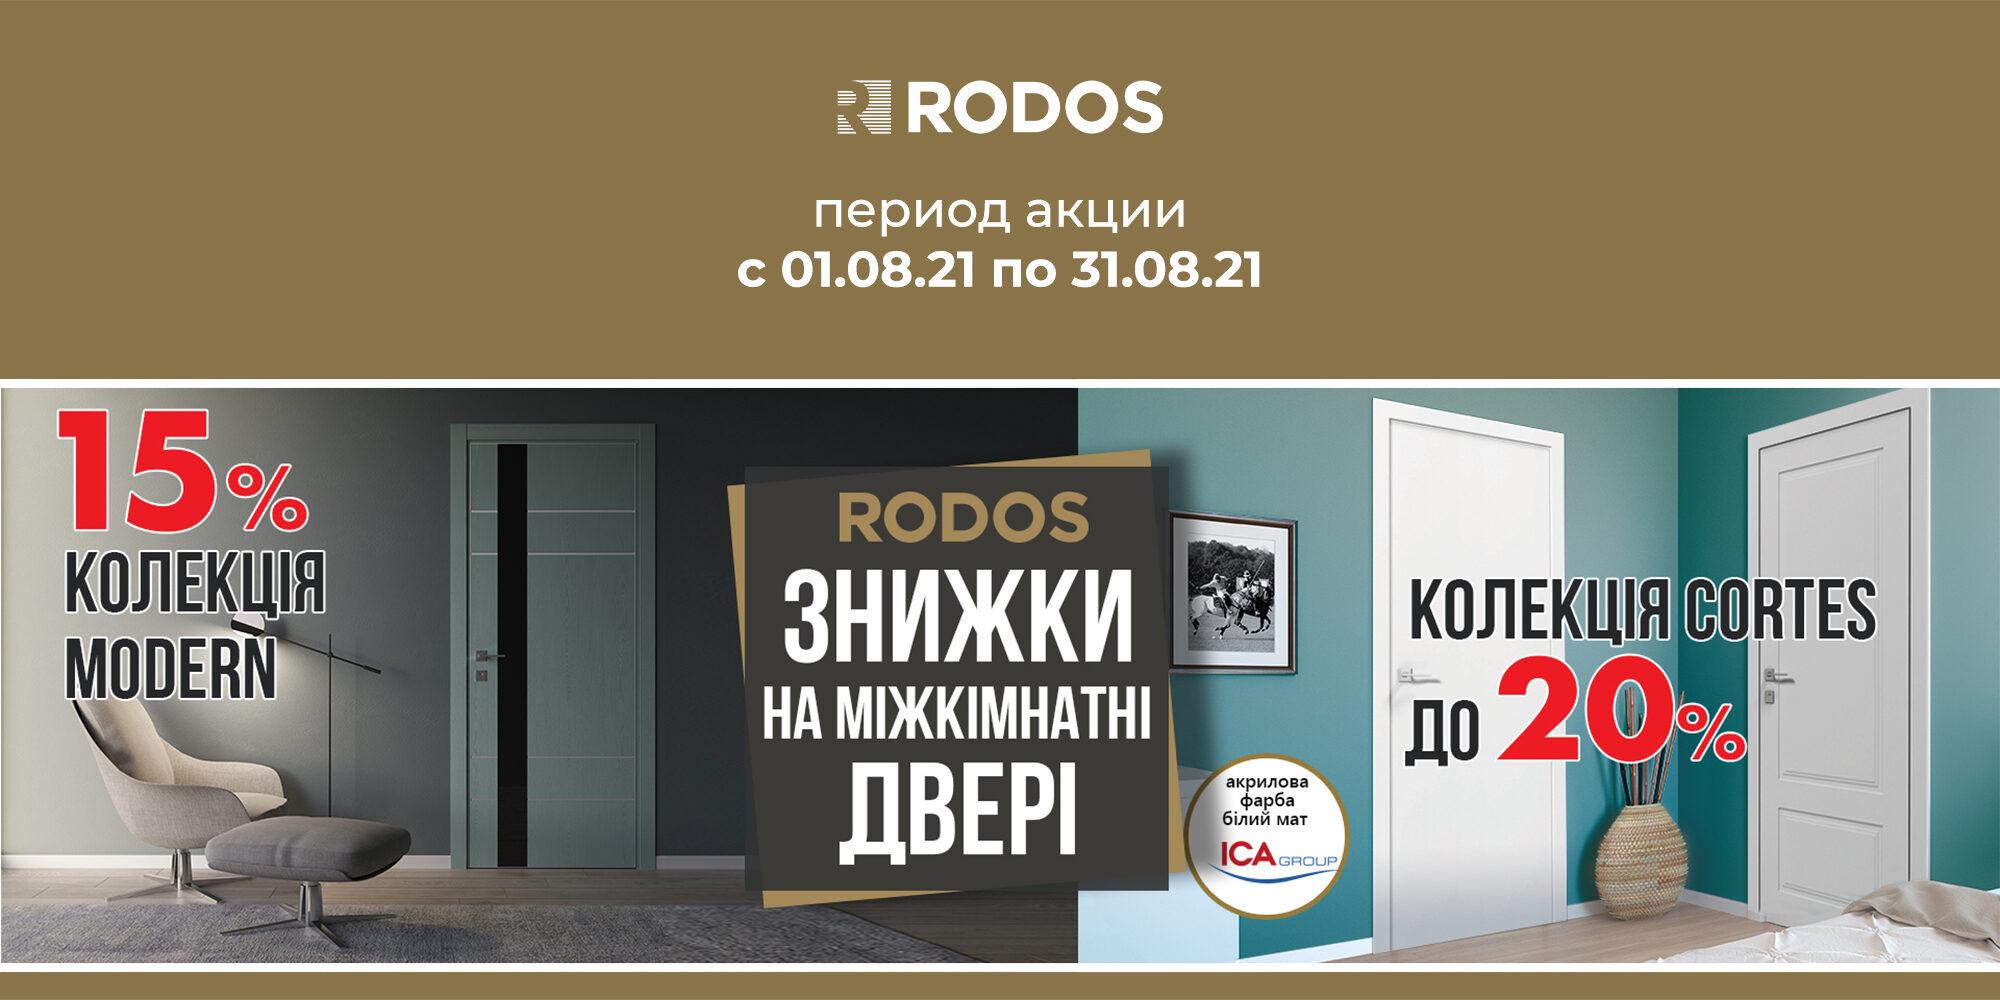 Акция 31.08.21 Rodos